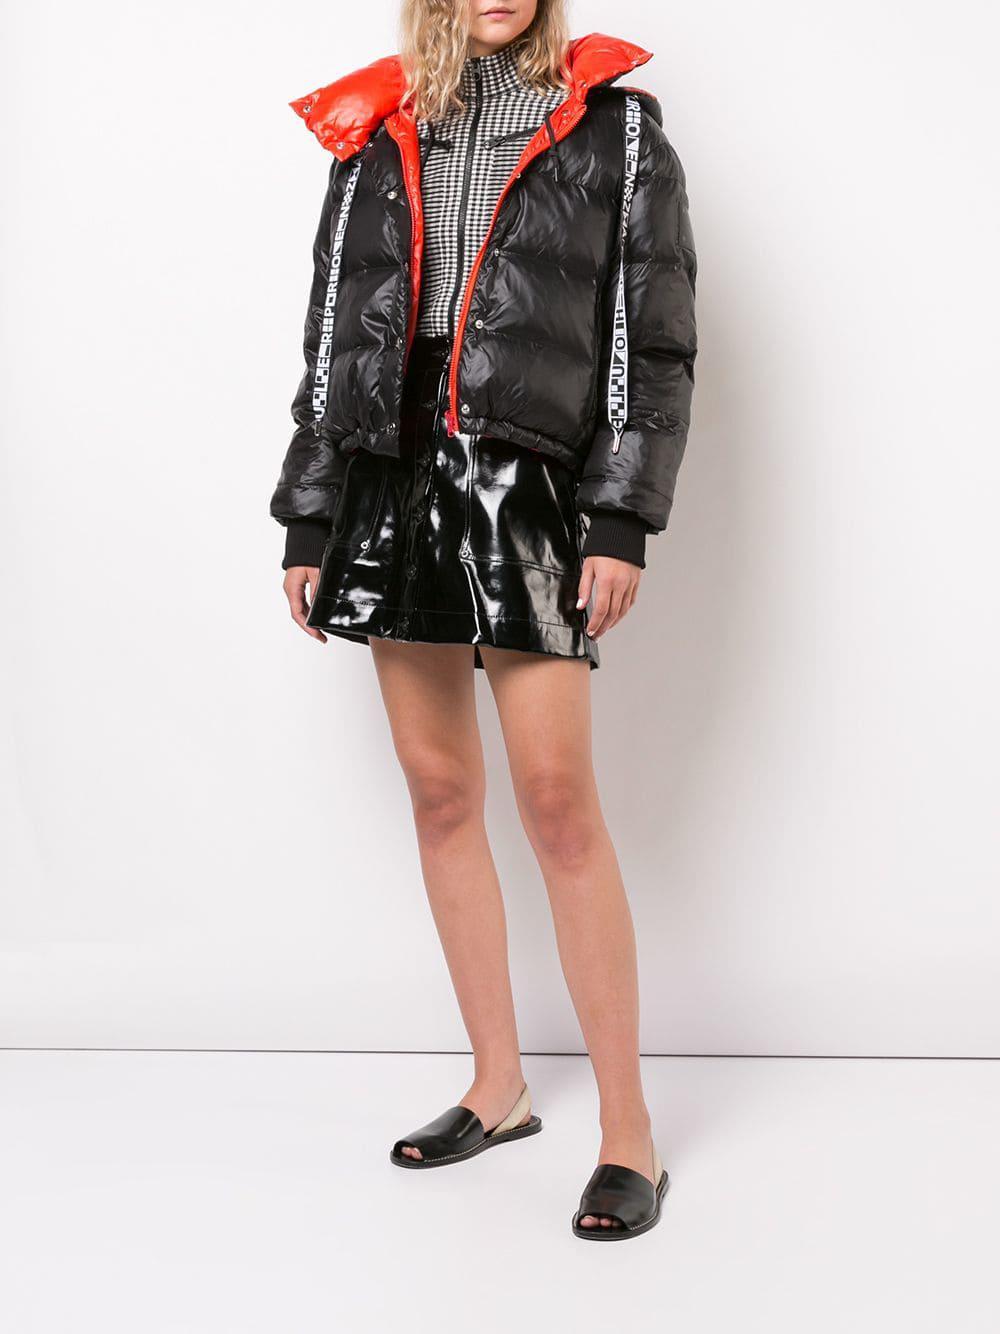 5dca4770866e Lyst - Proenza Schouler Pswl Hooded Puffer Jacket in Black